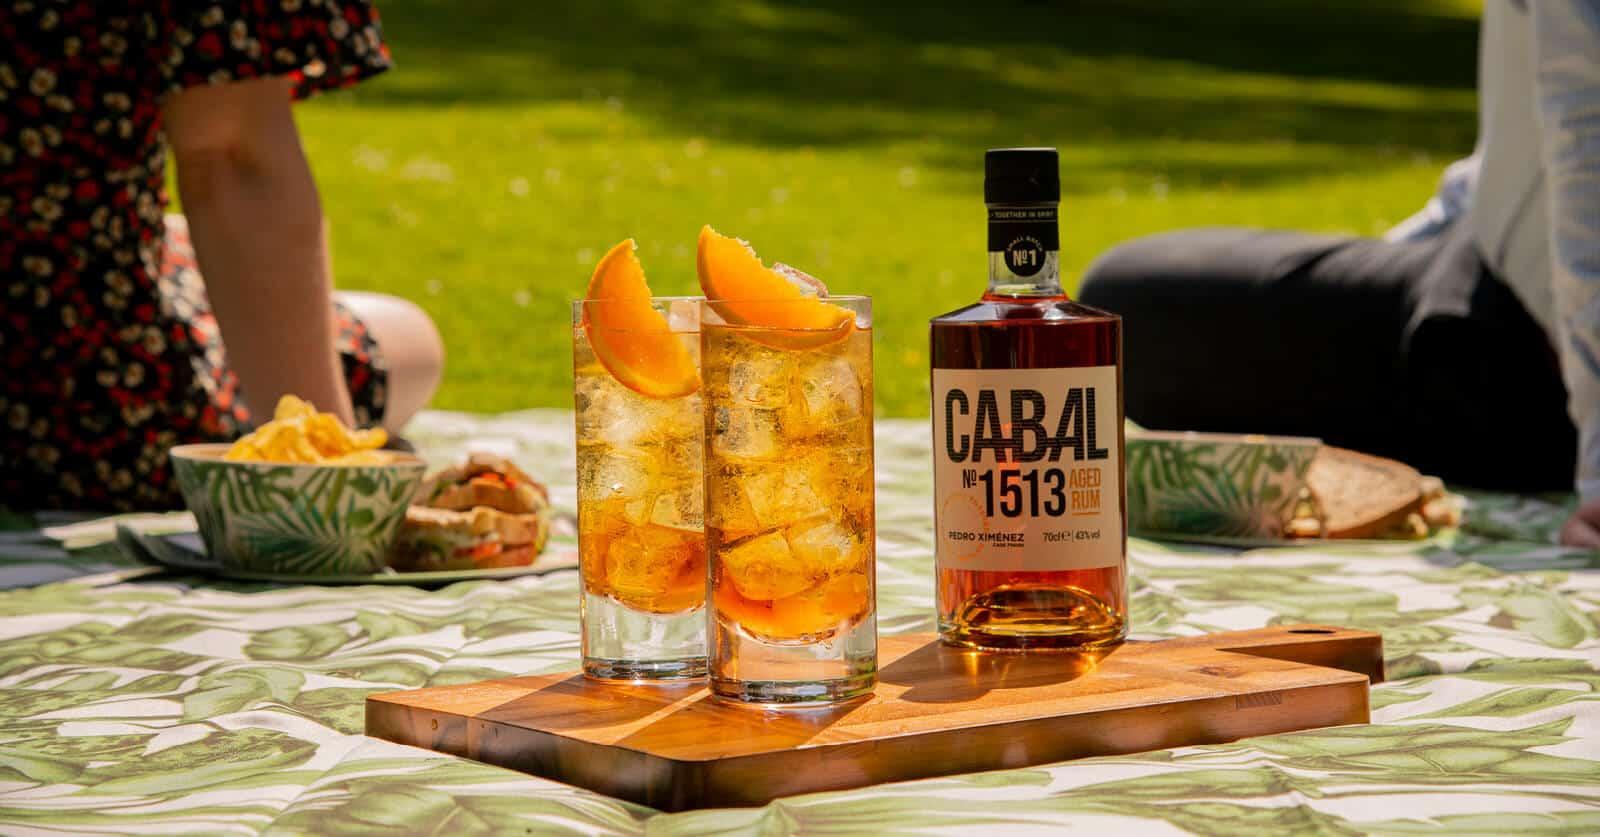 Cabal Rum Eco Friendly Rum Bottle Packaging